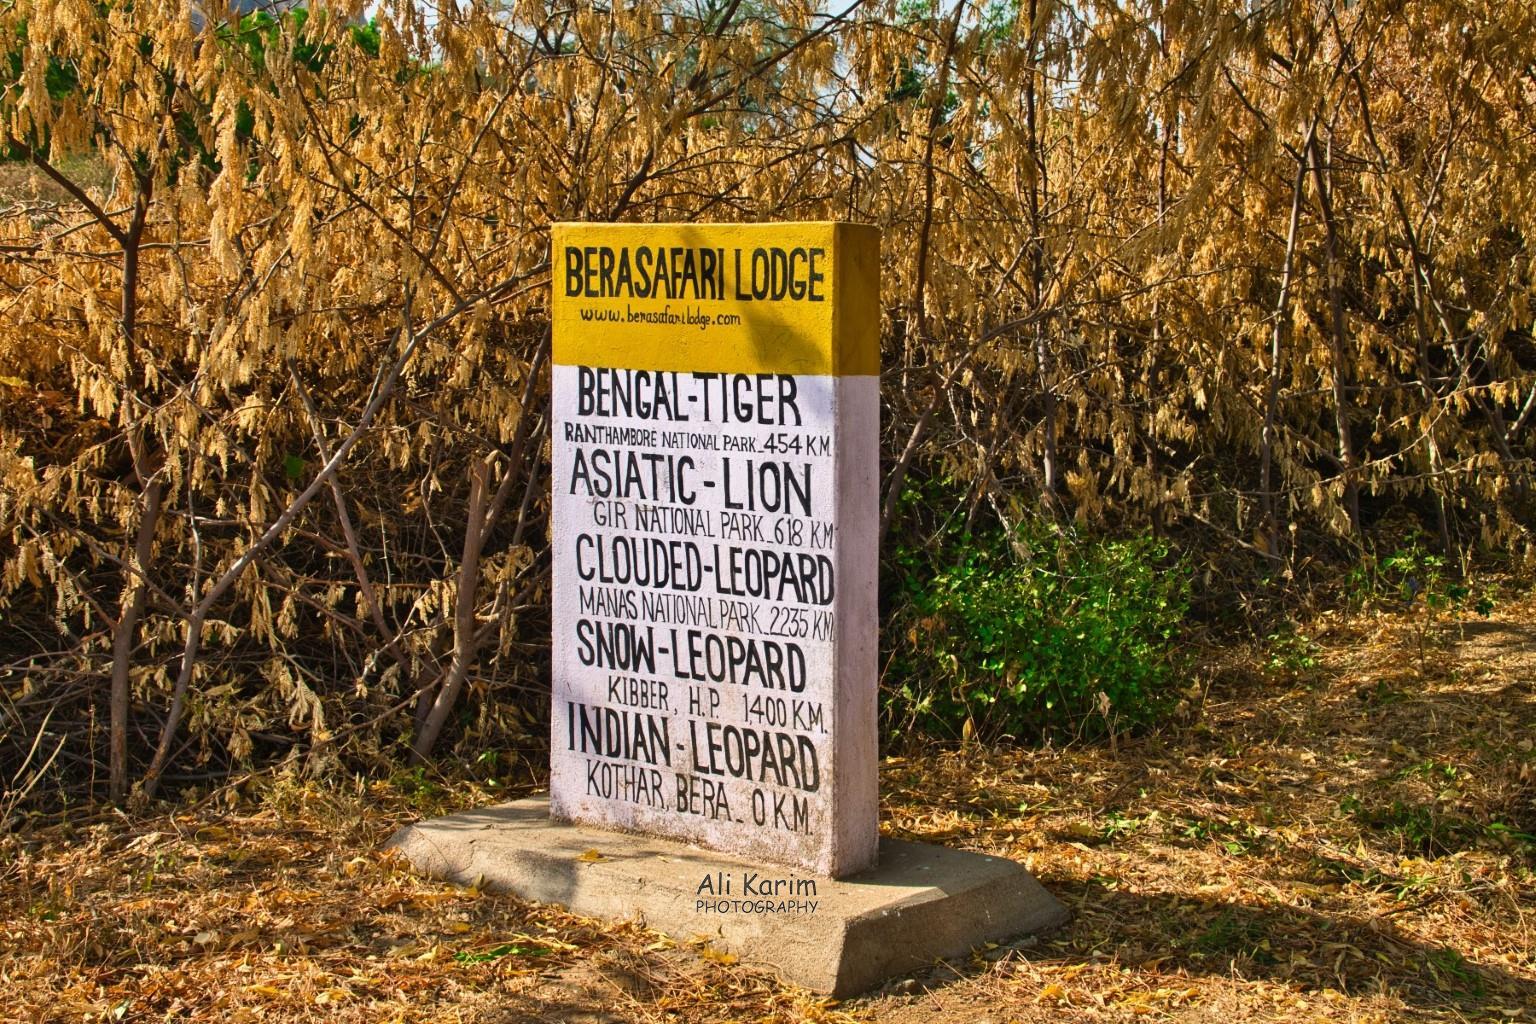 Leopards, Bera, Rajasthan Bera Safari Lodge